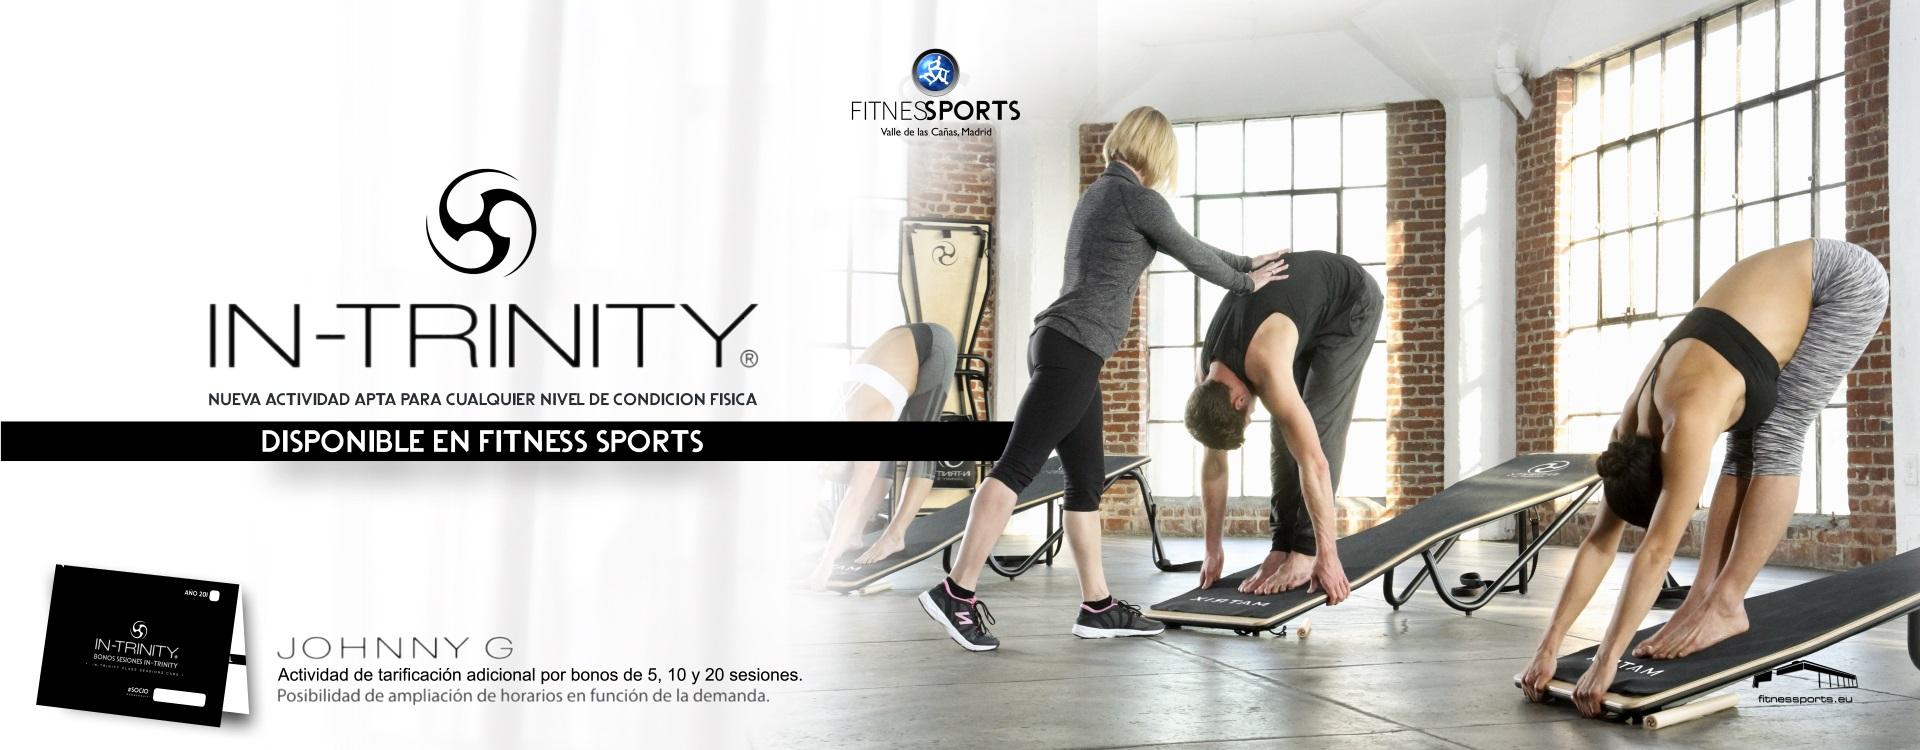 In-trinity - Nueva actividad en Fitness Sports Valle de las Cañas